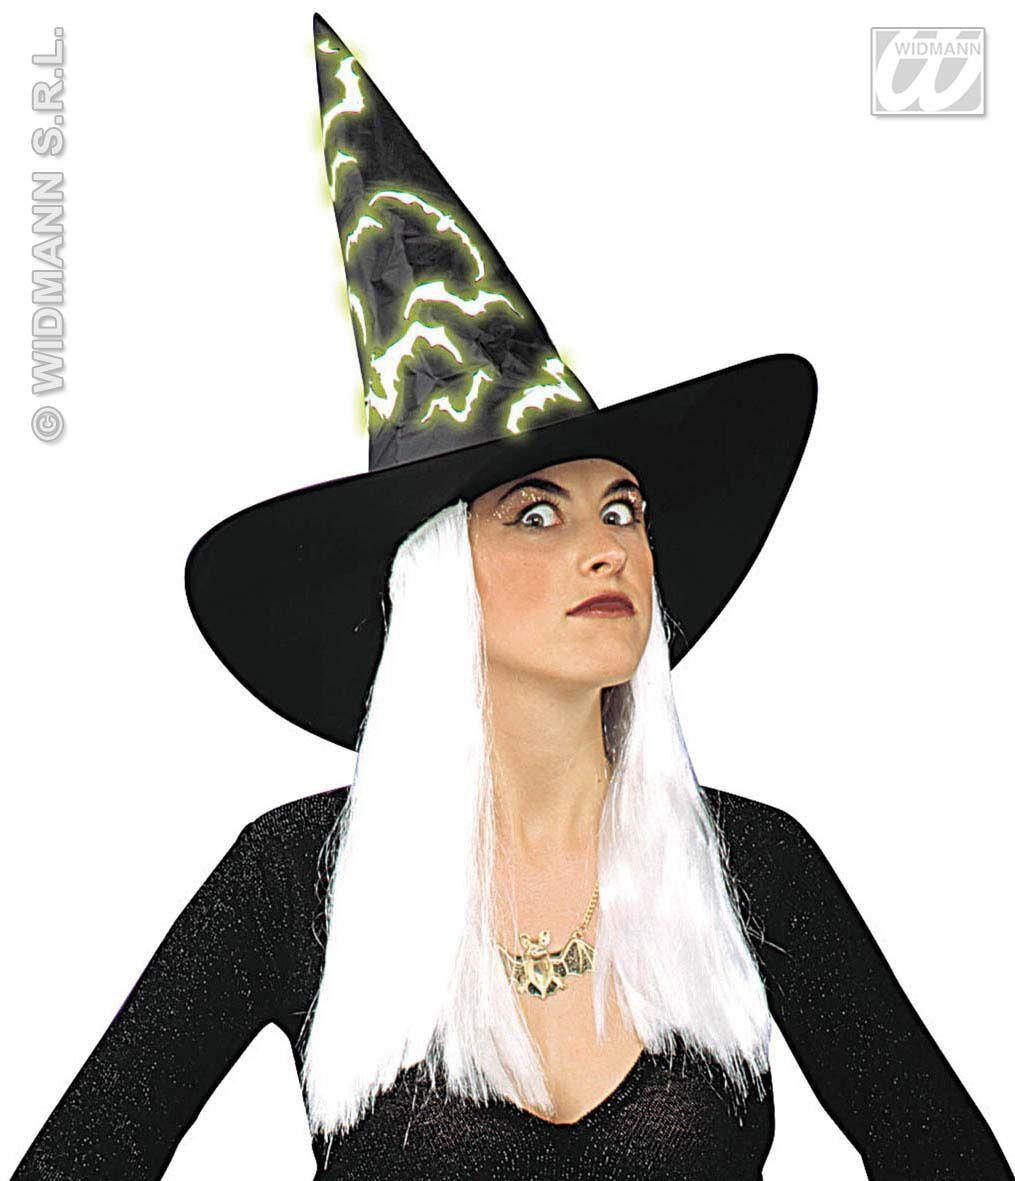 Heksenhoed Haar, En Vleermuis Lichtgevend In Donker